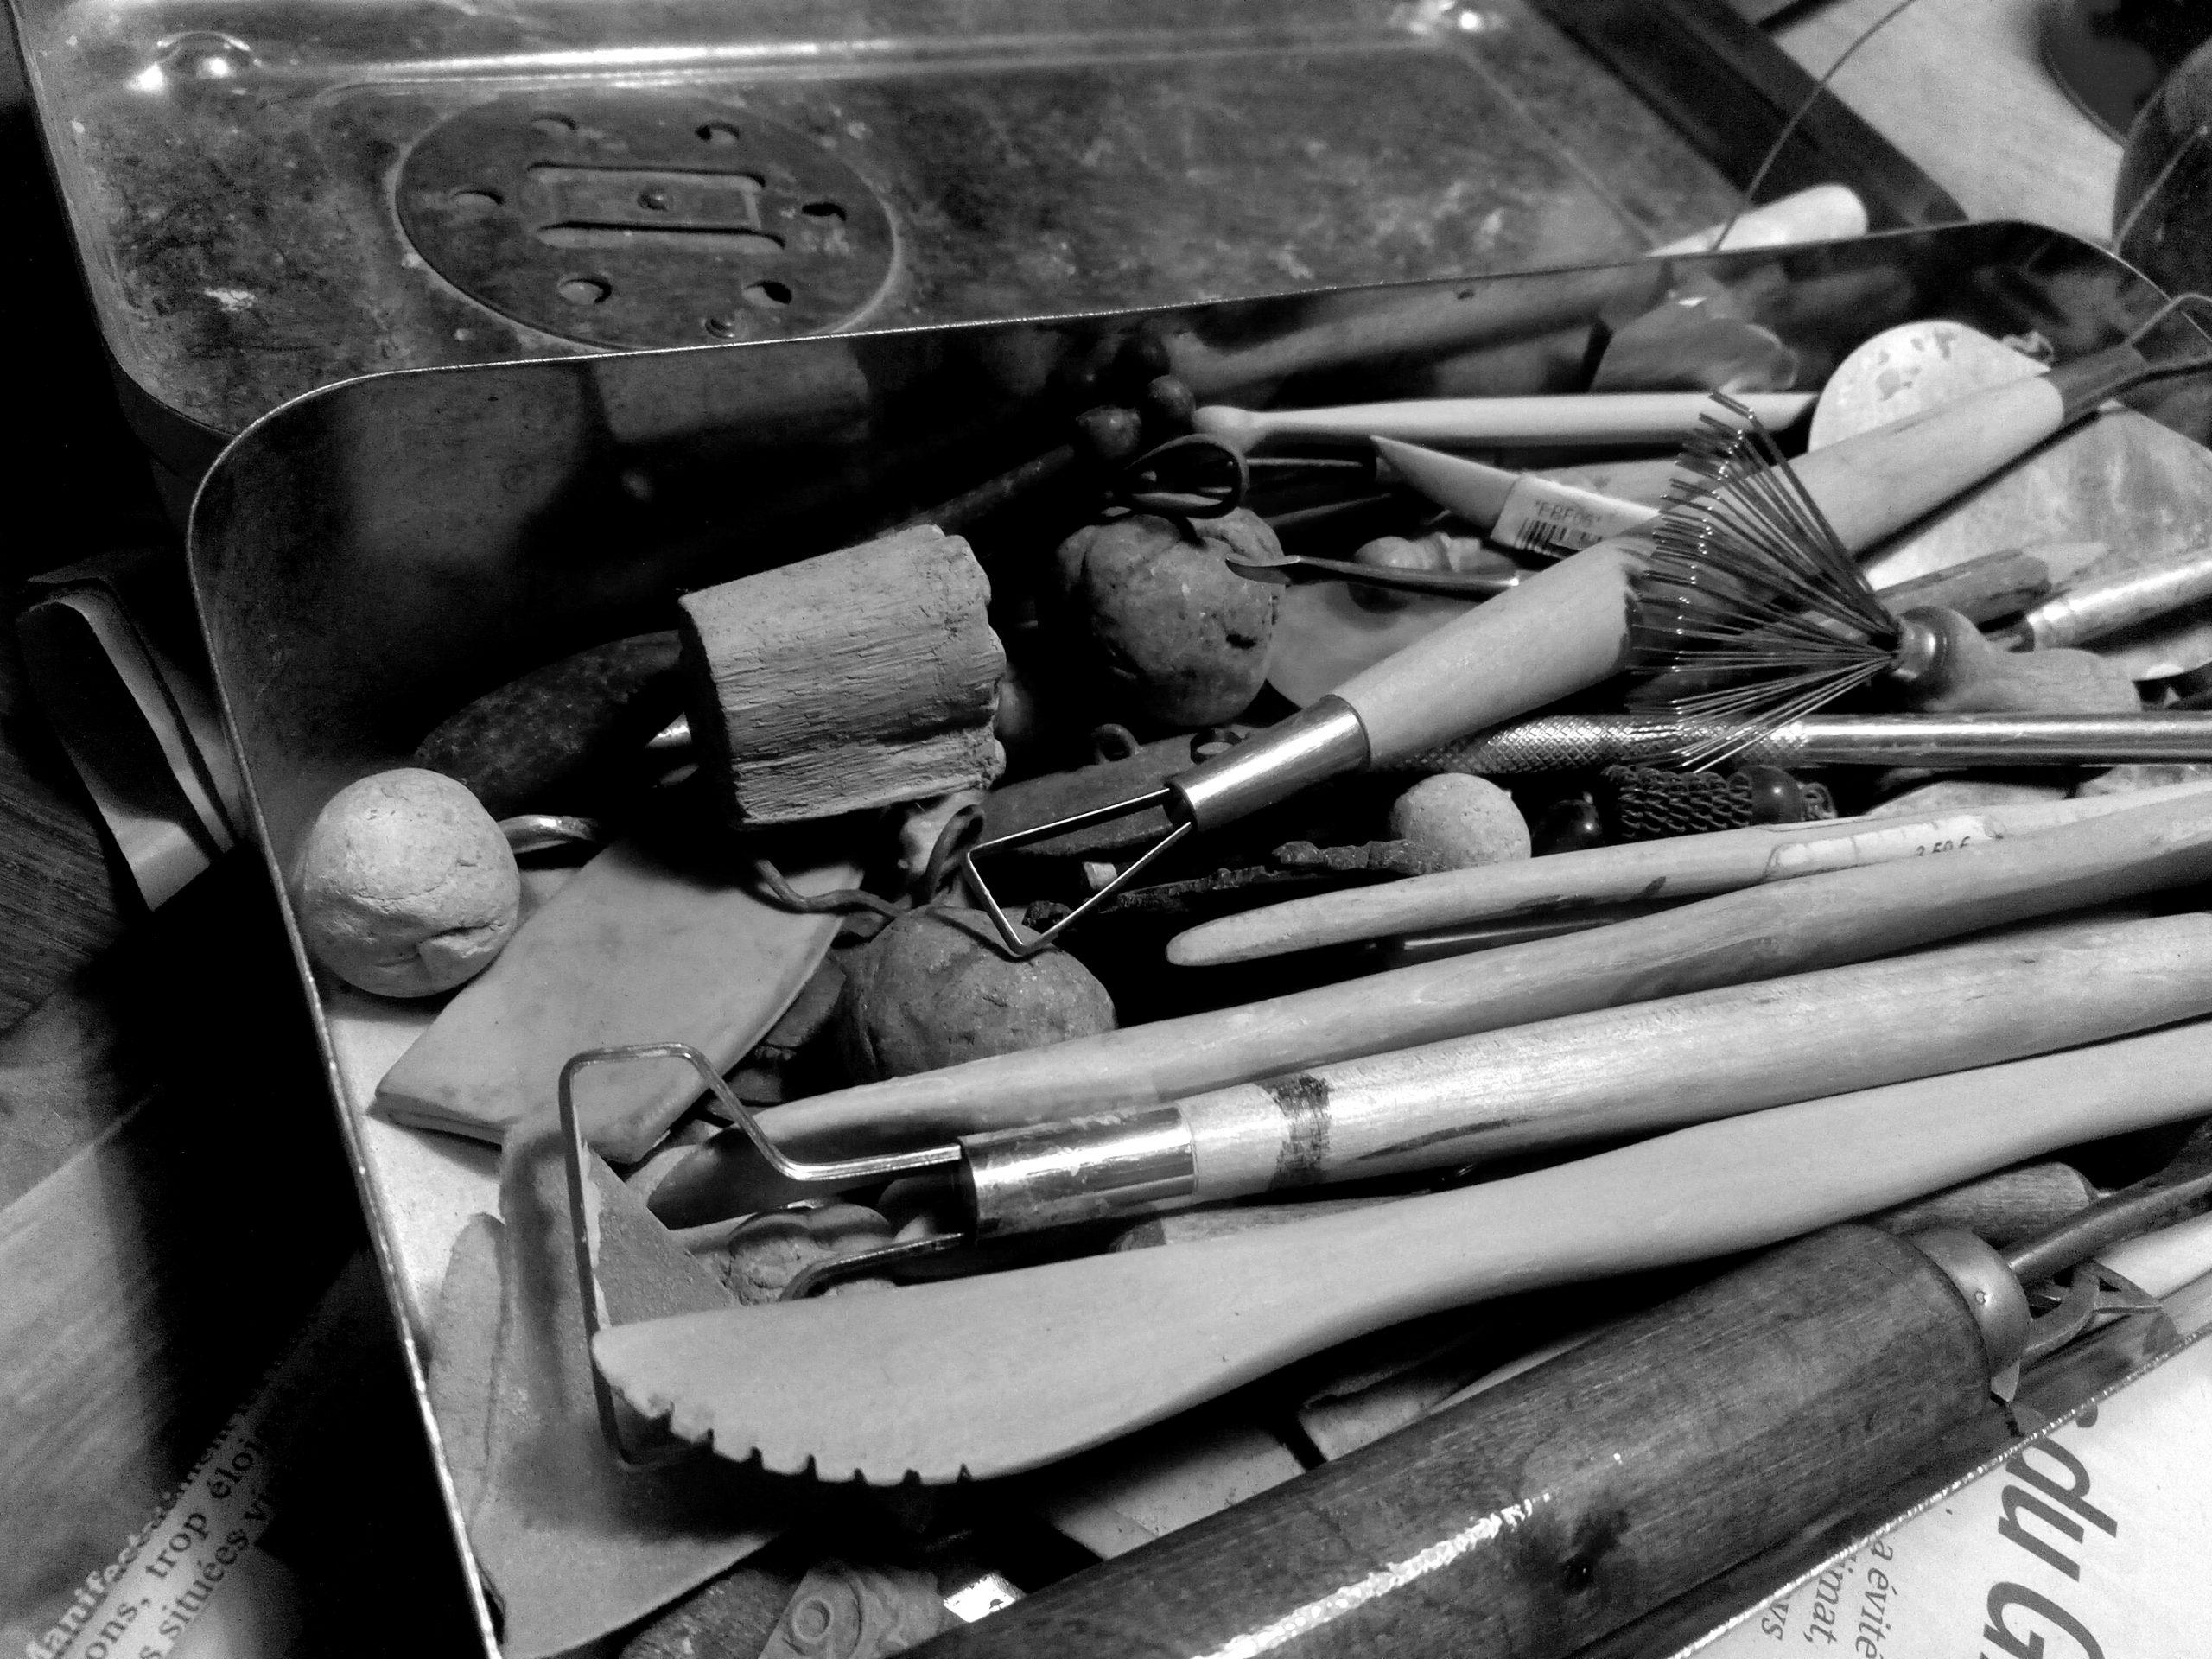 Atelier Jules Verne fermé-Coronavirus-Pandémie Covid 19-Atelier Jules Verne-Florence Lemiegre